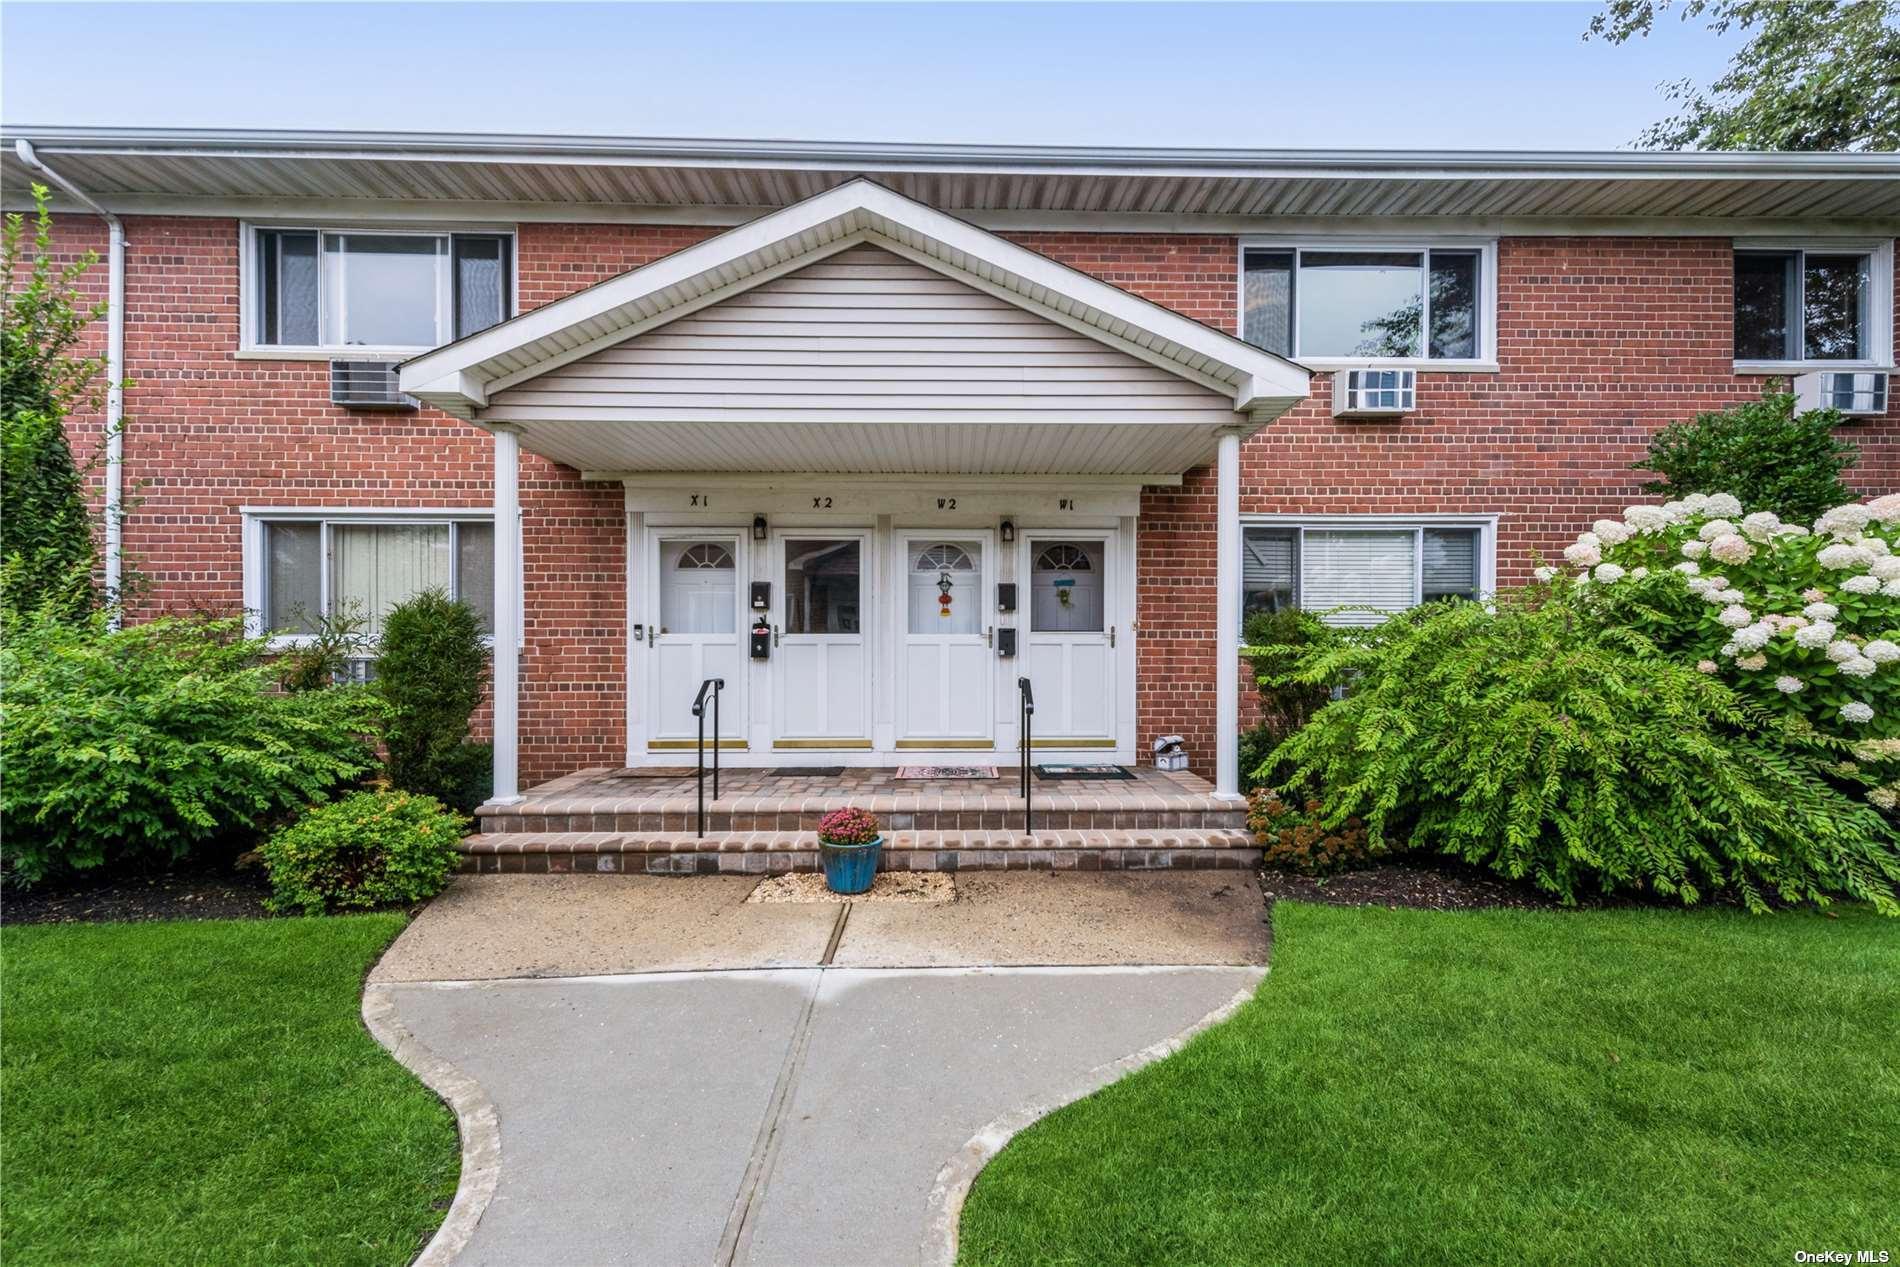 600 Fulton Street, Farmingdale, New York11735 | Residential For Sale